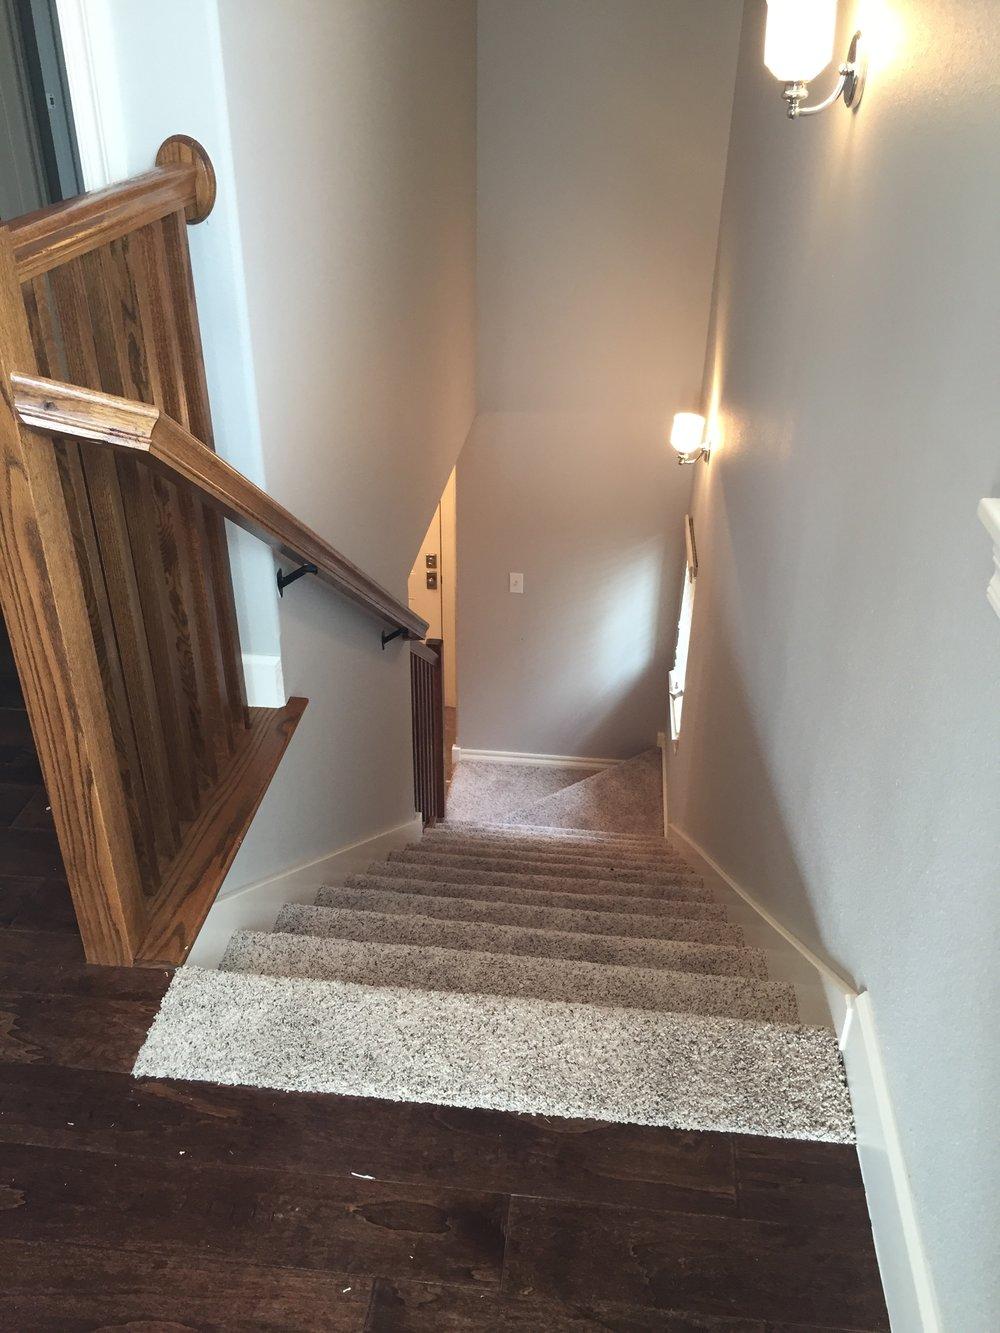 Delancey stair down